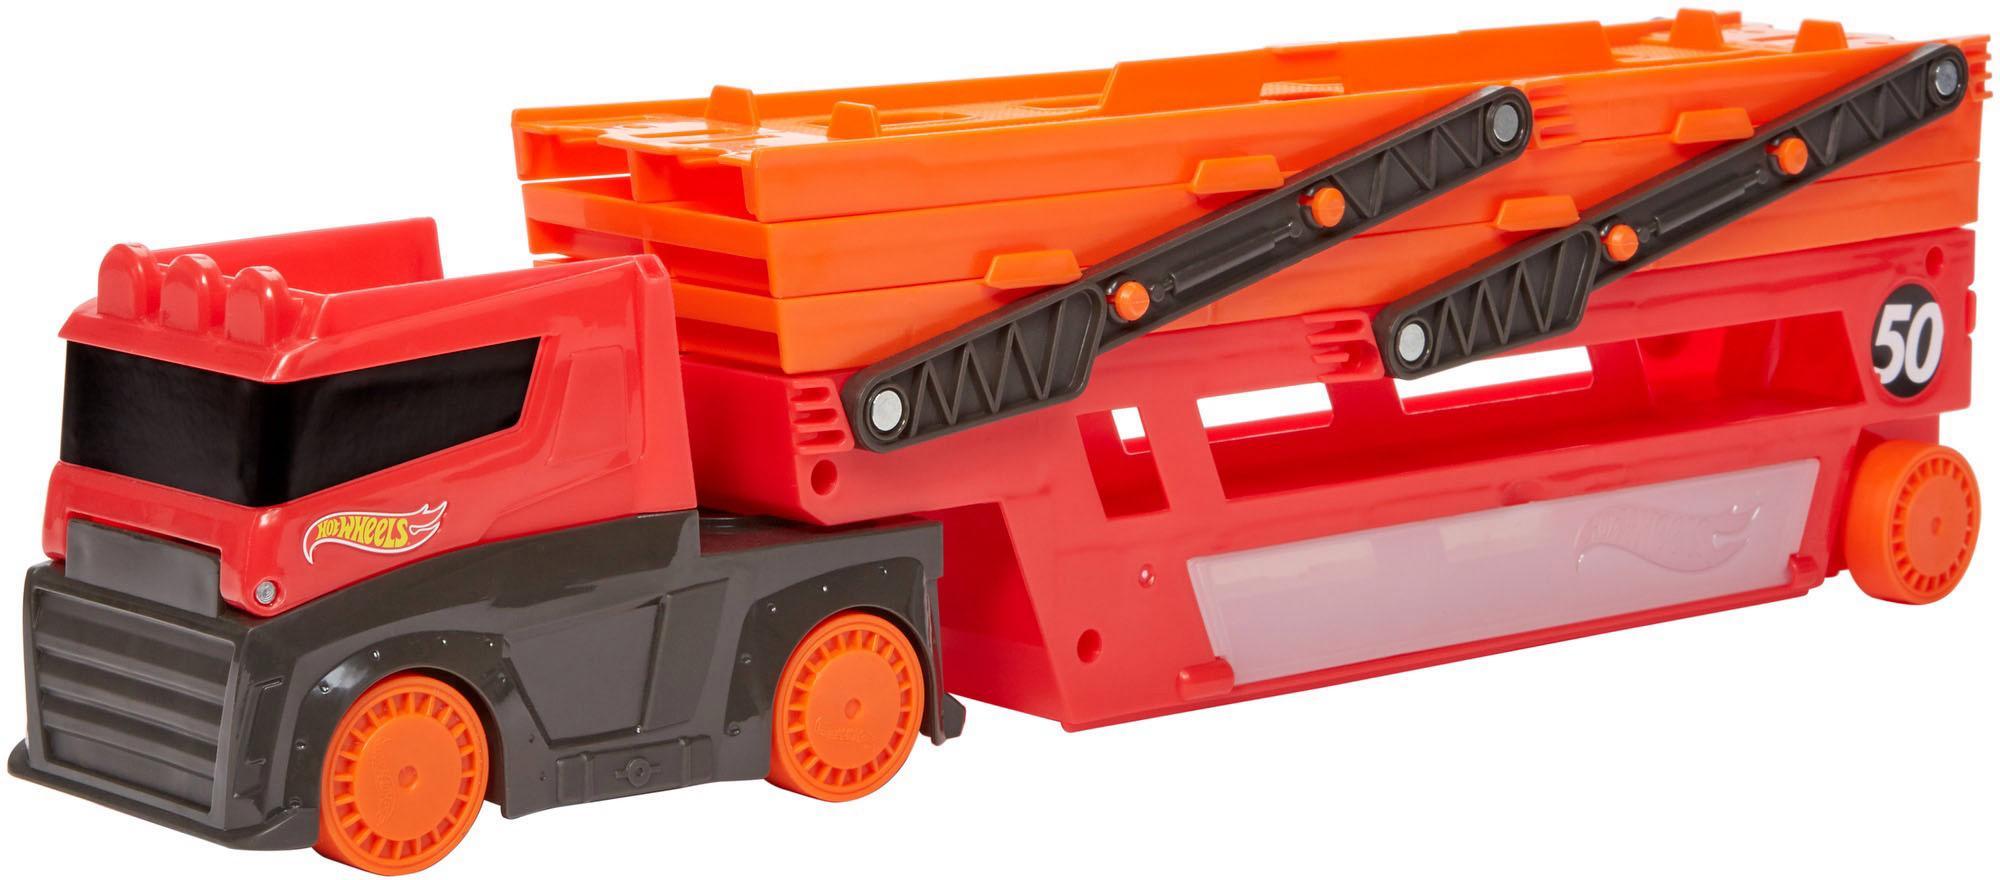 """Hot Wheels Spielzeug-LKW """"Mega-Truck für Spielzeugautos"""" Kindermode/Spielzeug/Autos, Eisenbahn & Modellbau/Spielzeugautos/Spielzeug-LKW"""